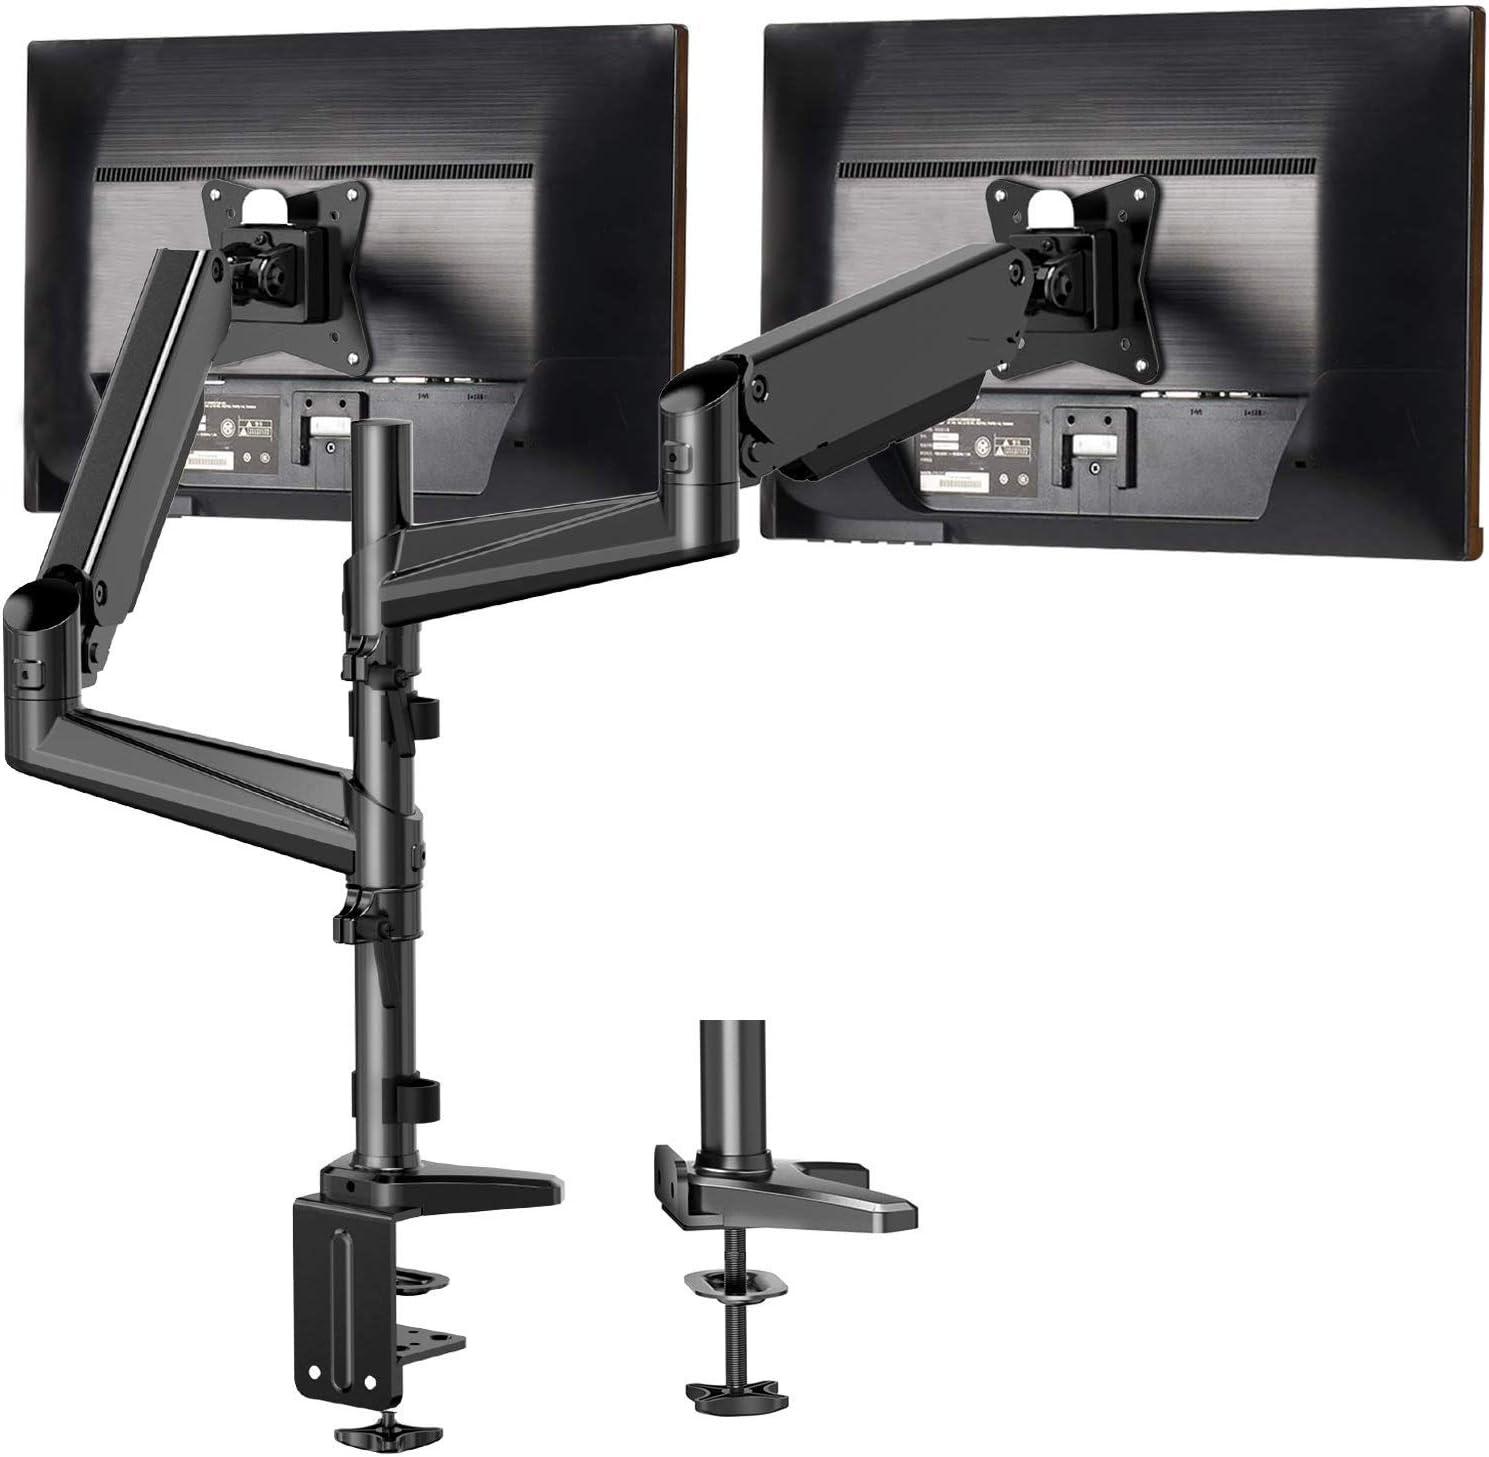 HUANUO Soporte Dual de Monitor de Aluminio Pantallas de 13-32 '', Altura Ajustable, Brazo Giratorio 360°de Resorte de Gas, Dos Métodos Opcionales de Montaje, Soporte VESA 75-100 mm y Peso 1-8 kg